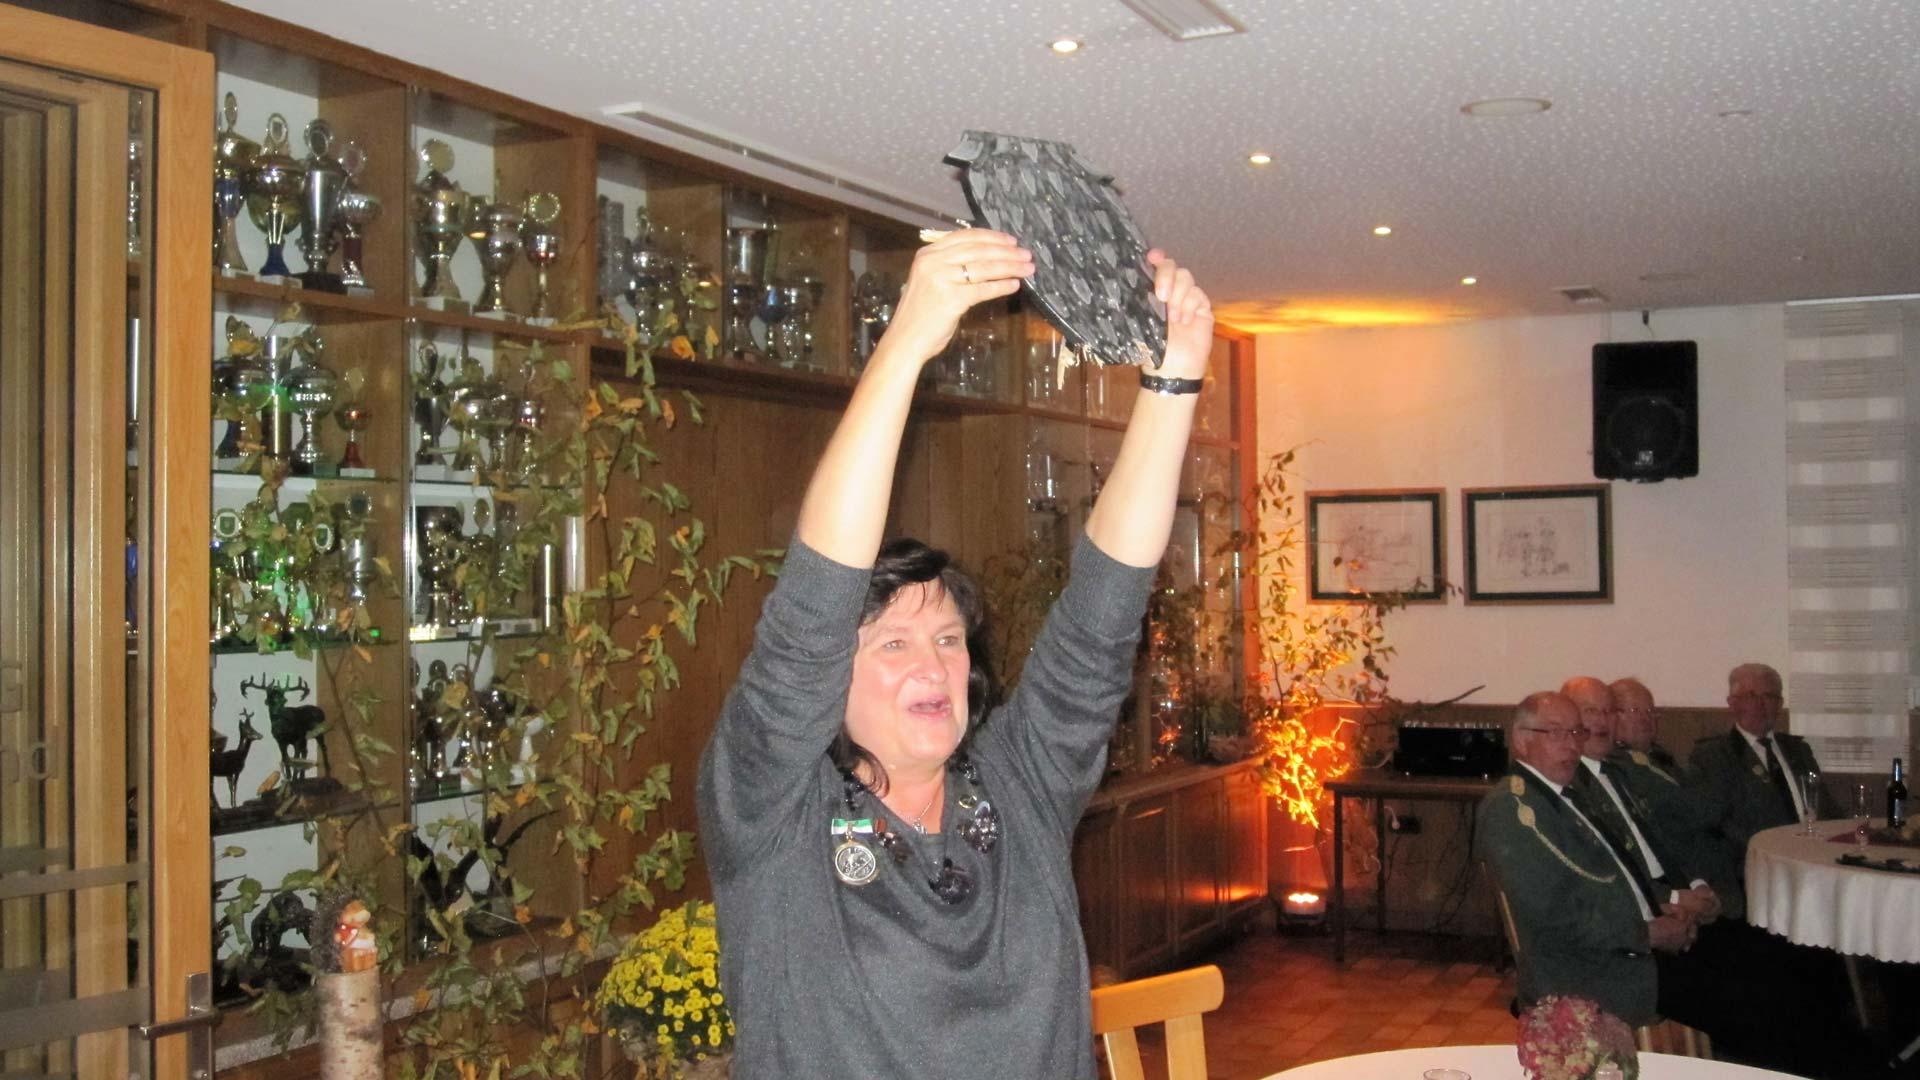 Ulla Hinrichs ist Herbstvogelkönigin in Borgloh